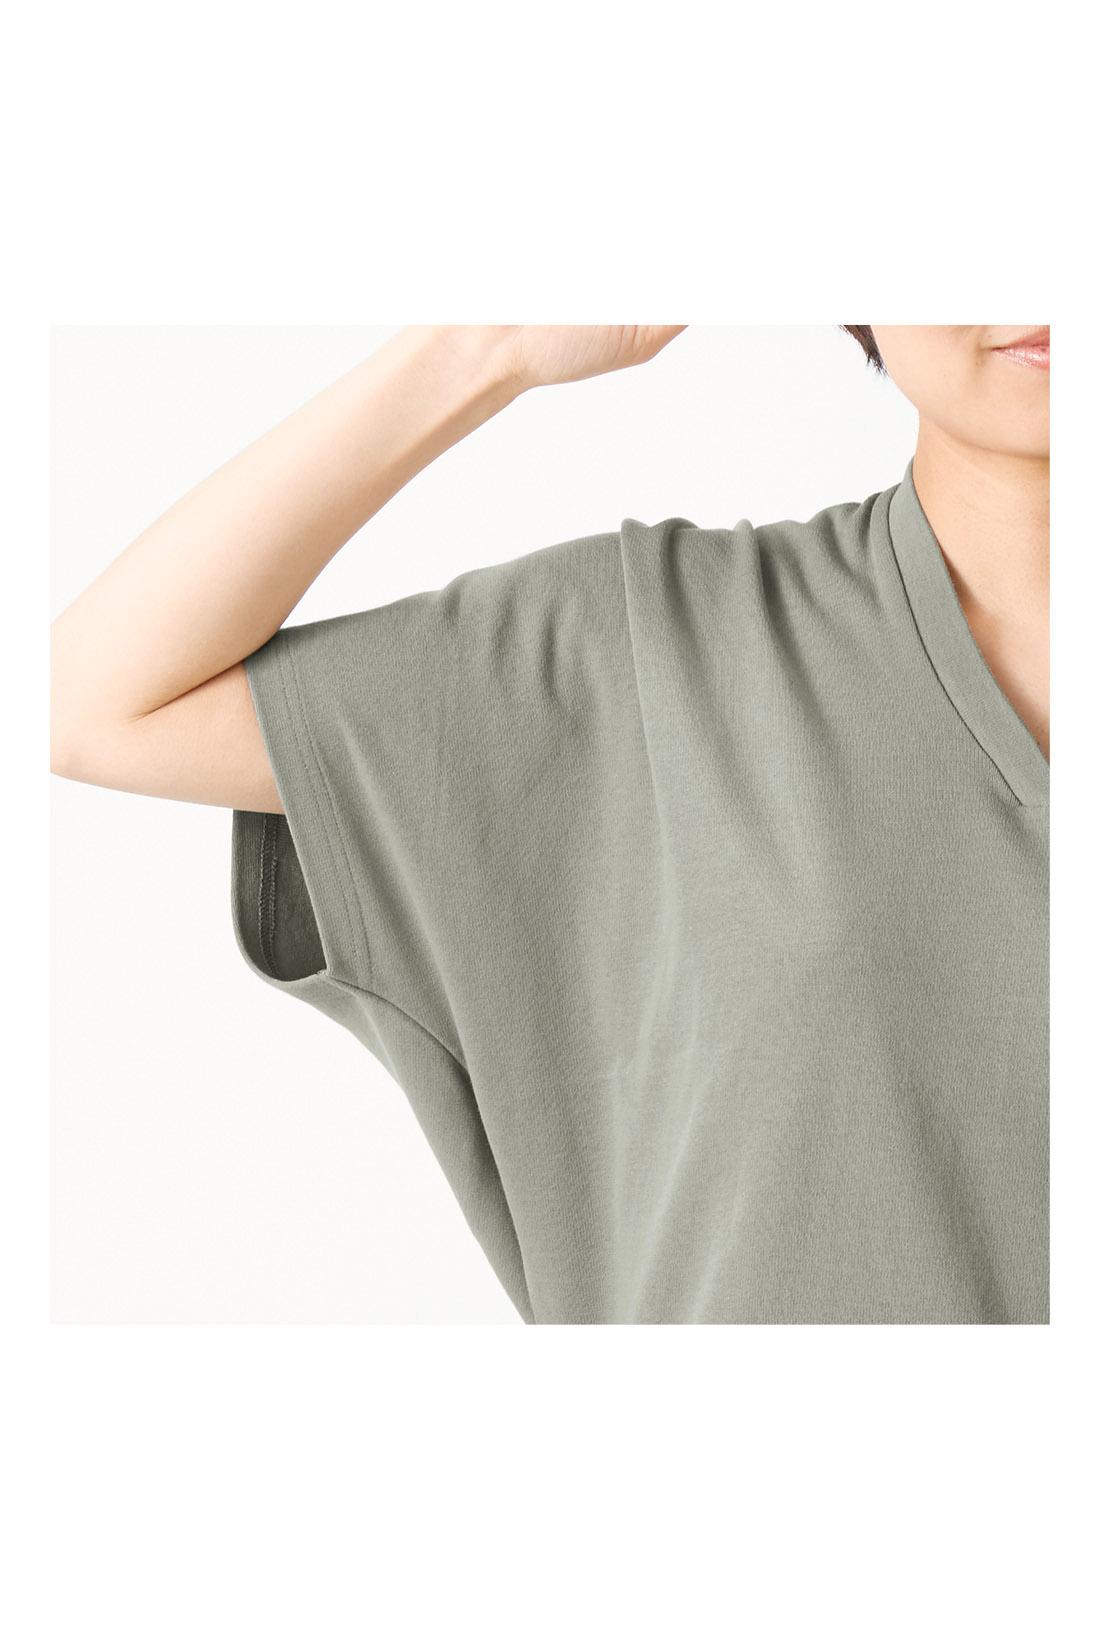 肩まわりを女っぽくカバーするドルマンシルエットで、腕を上げてもわきが見えにくく安心です。